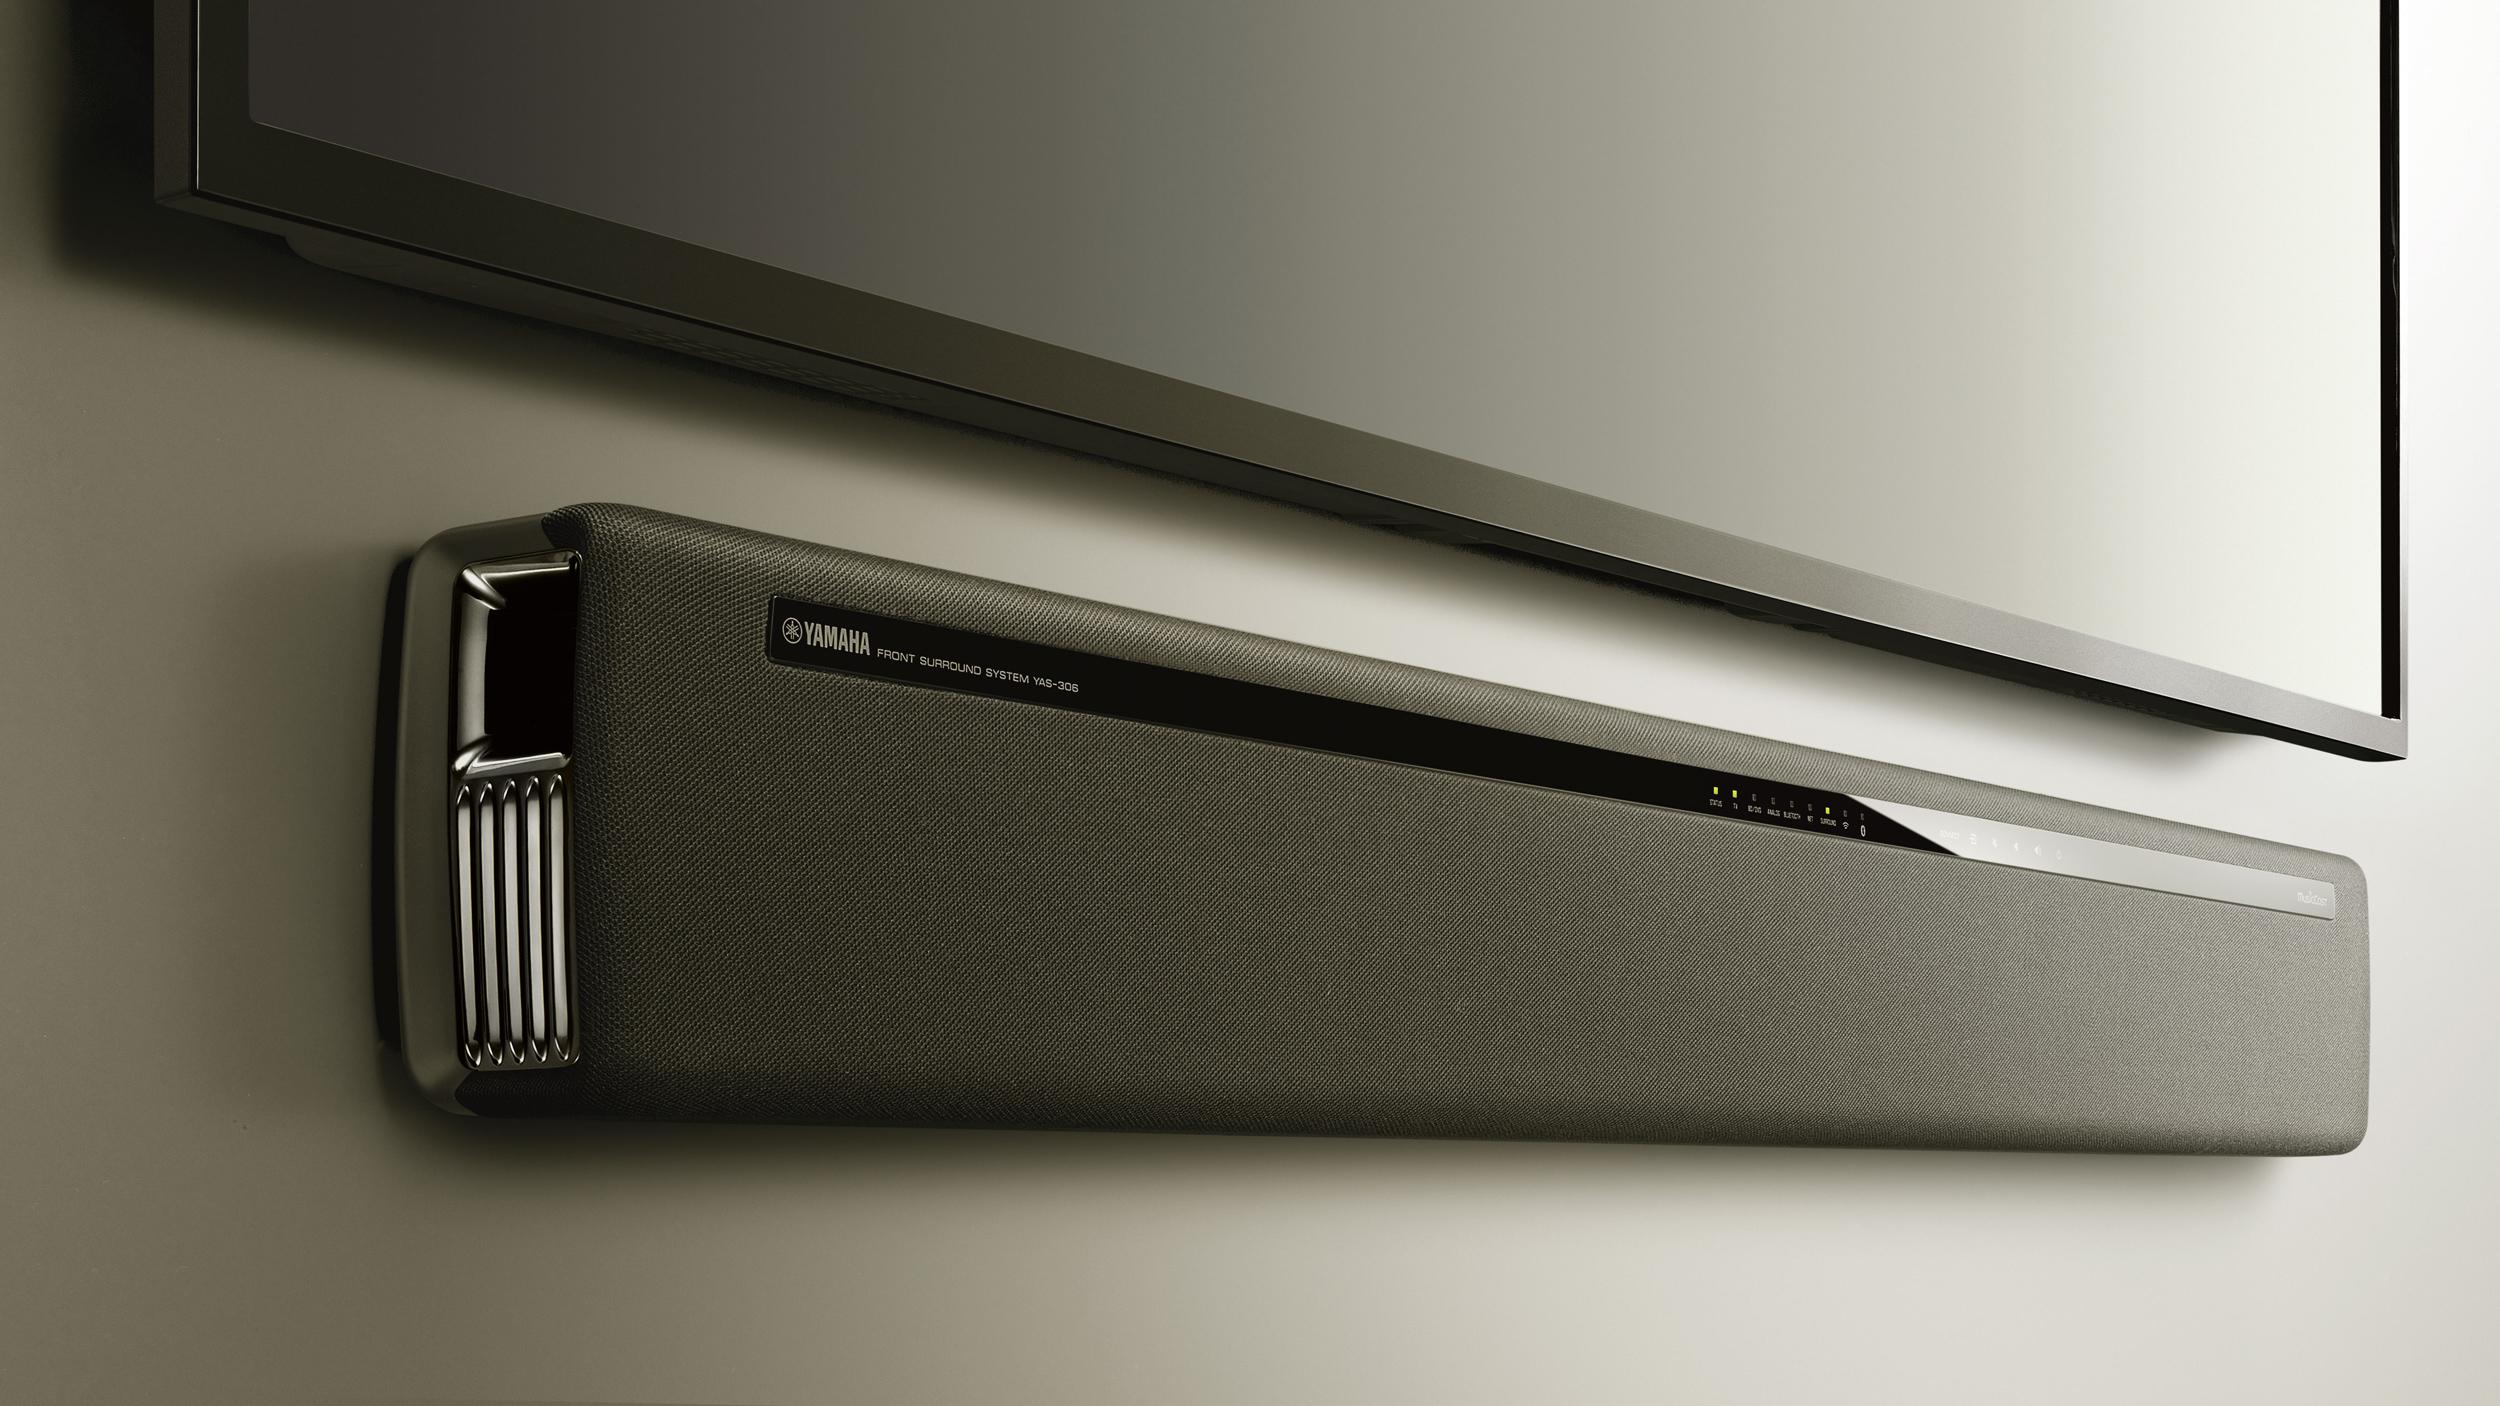 Đánh giá Yamaha MusicCast YAS-306: Tiết kiệm £ 100 trong doanh số sau Thứ Hai Điện Tử